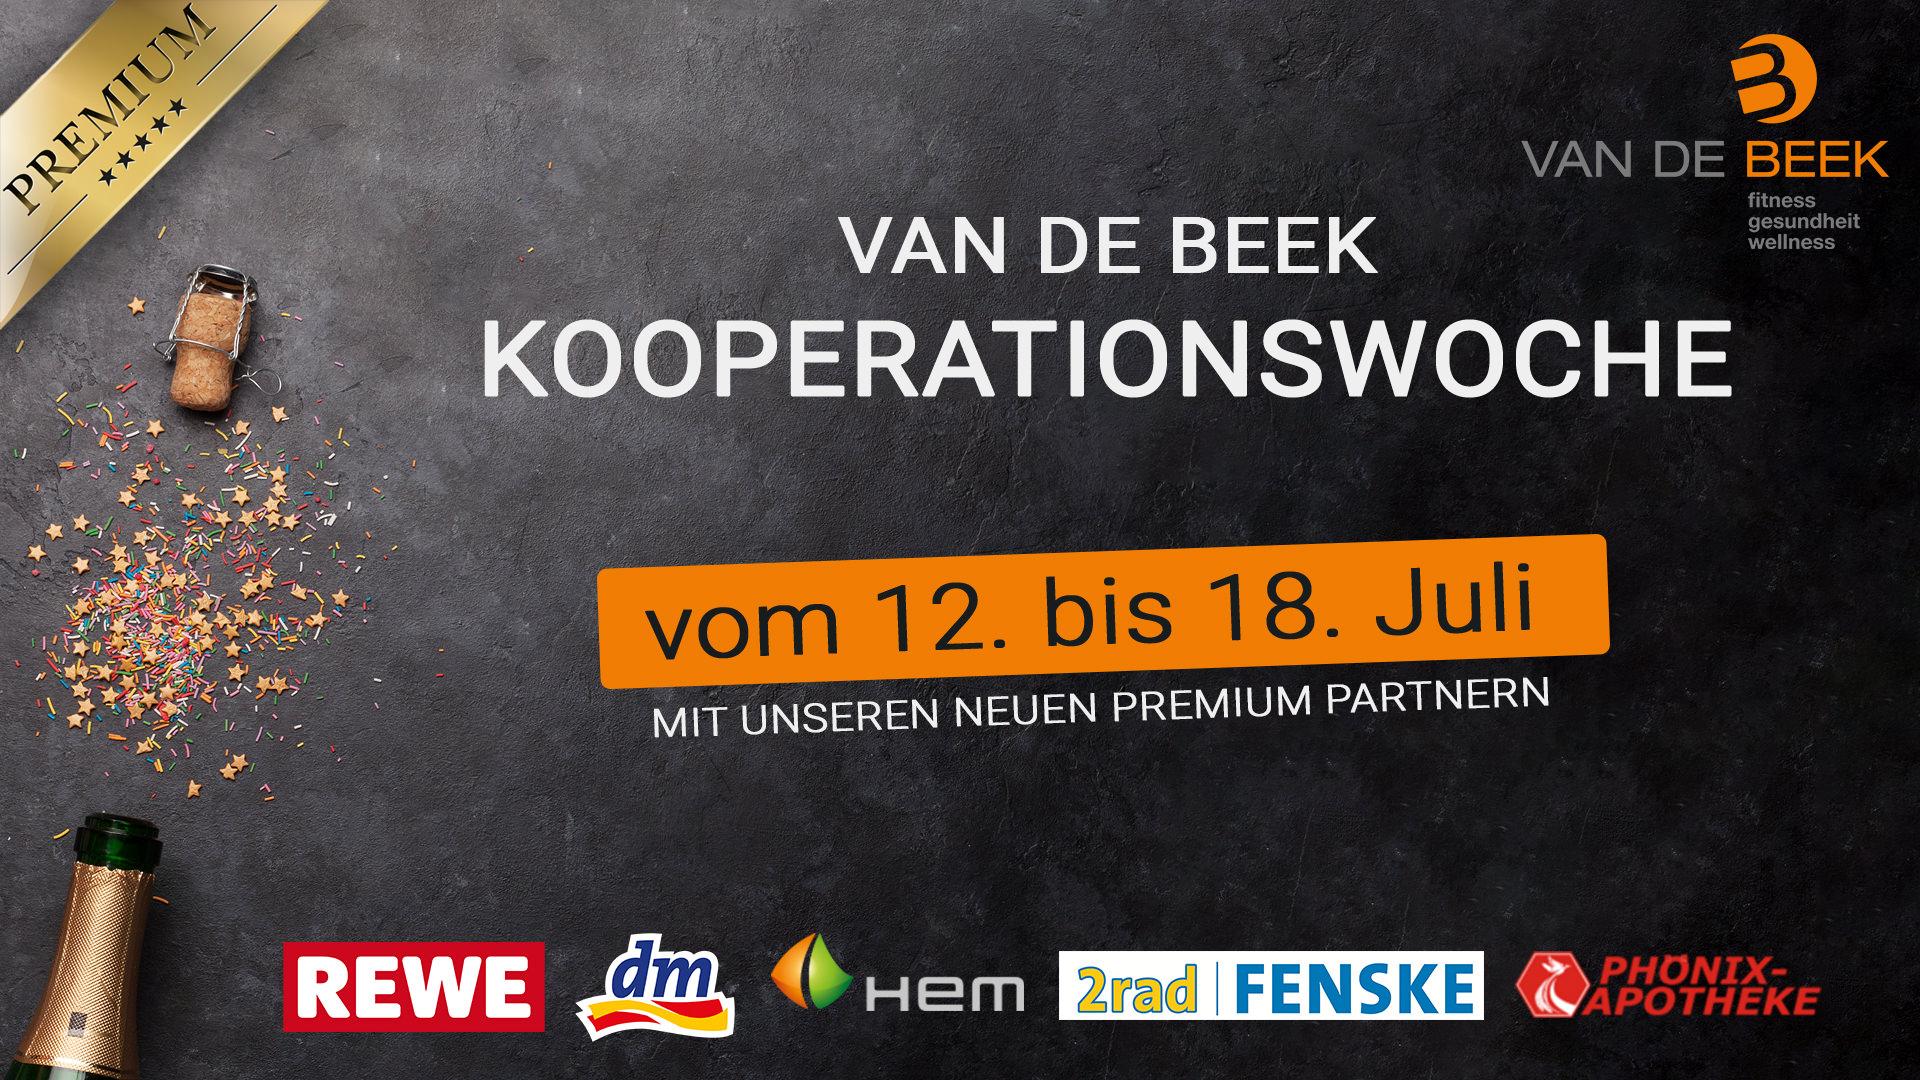 You are currently viewing VAN DE BEEK Kooperationswoche